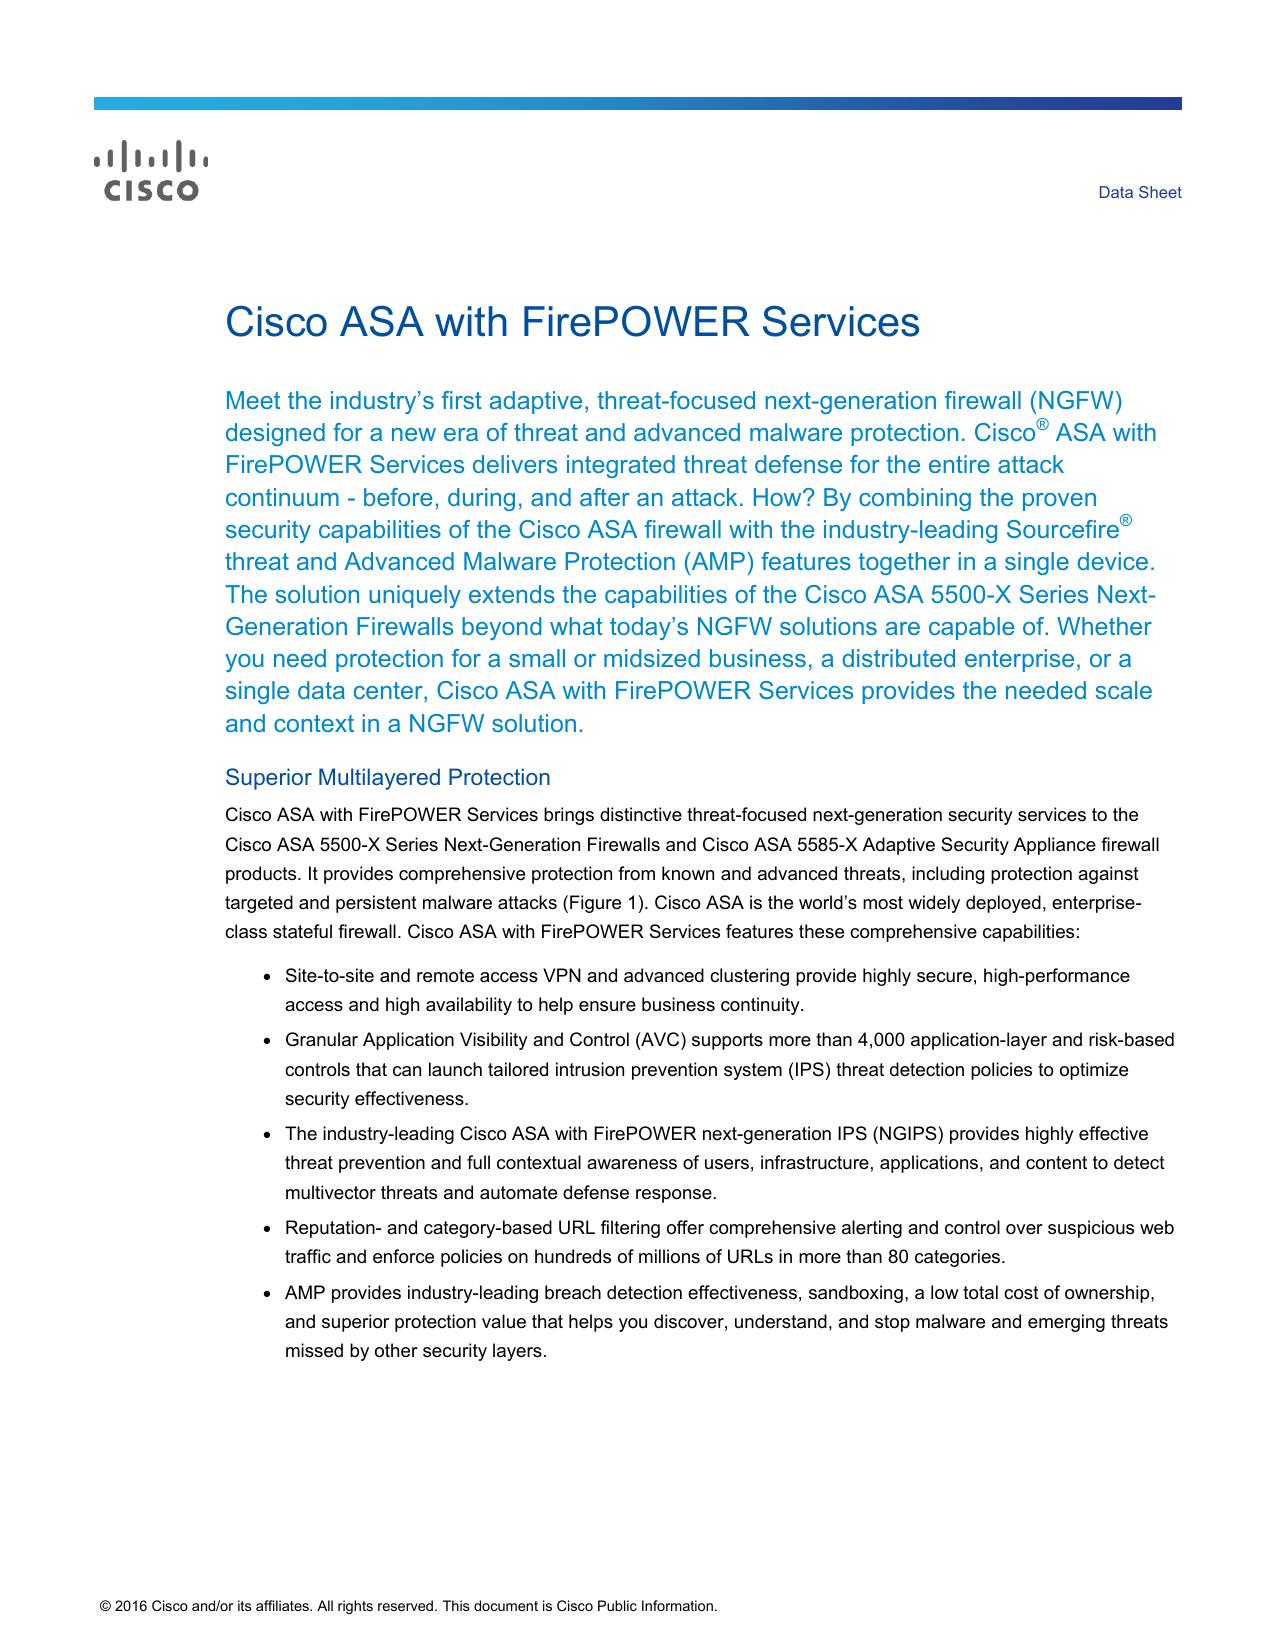 Cisco ASA with FirePOWER Services Data Sheet   manualzz com